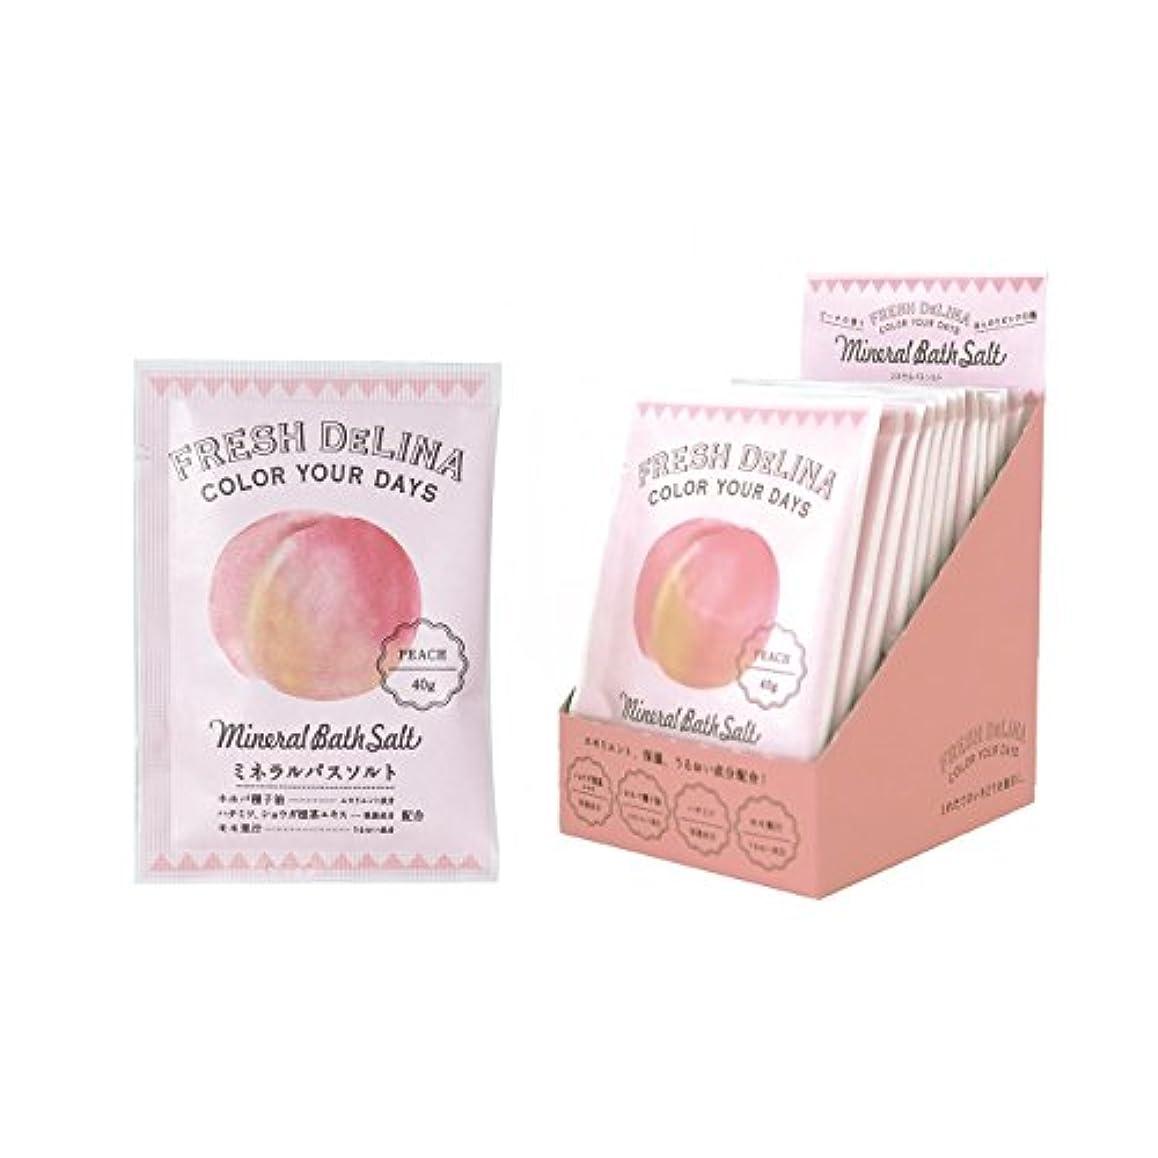 不従順汚れる原始的なフレッシュデリーナ ミネラルバスソルト40g(ピーチ) 12個 (海塩タイプ入浴料 日本製 みずみずしい桃の香り)